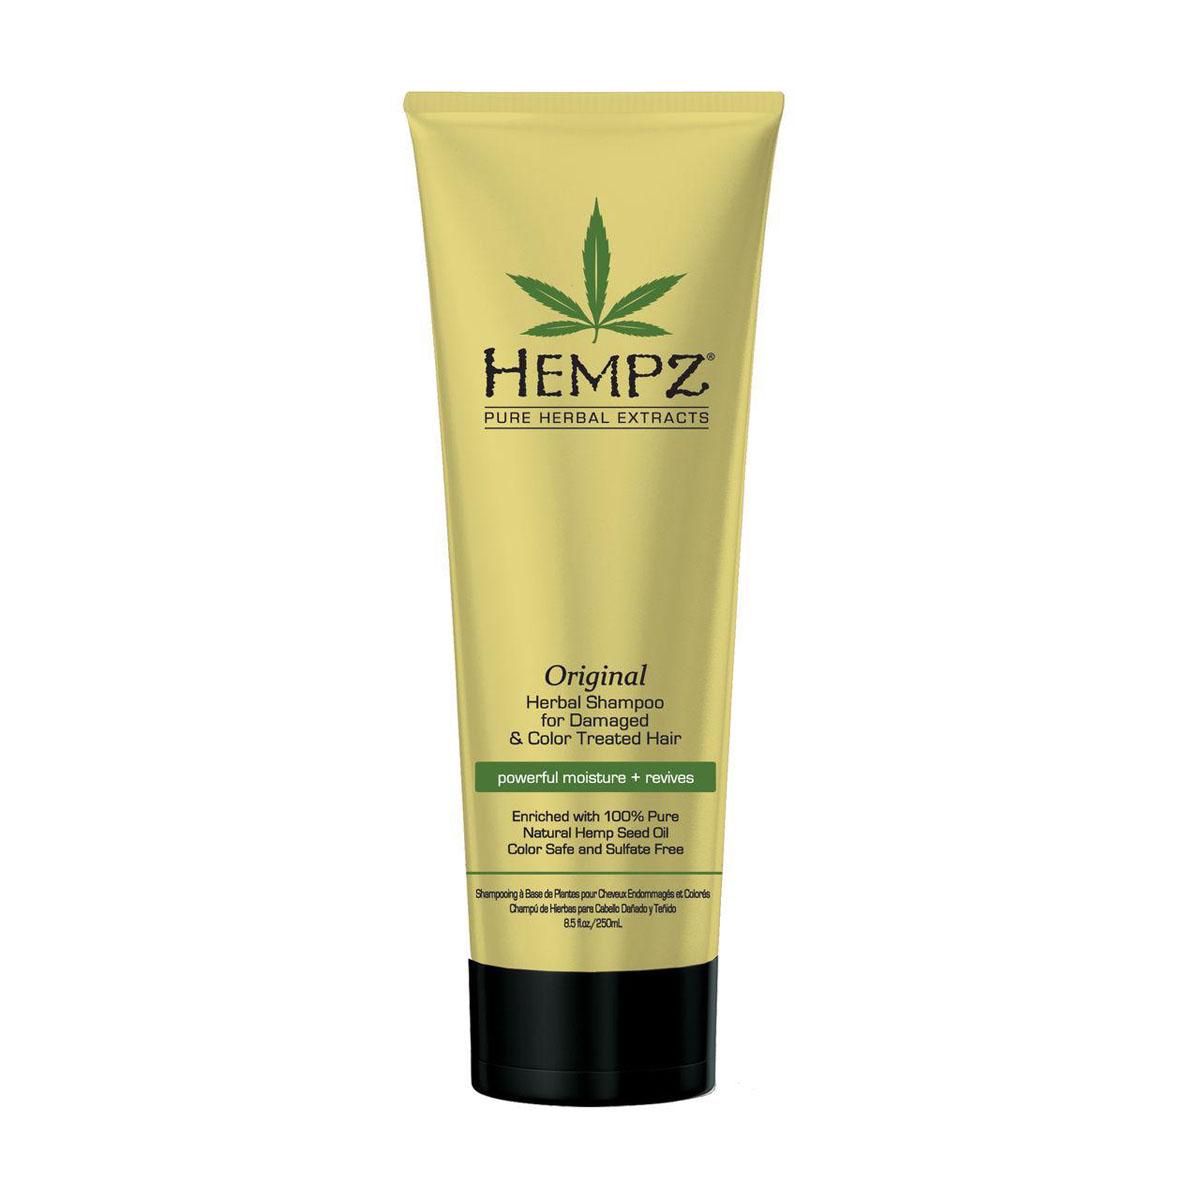 Hempz Шампунь растительный Оригинальный сильной степени увлажнения для поврежденных волос Original Herbal Shampoo 265 мл